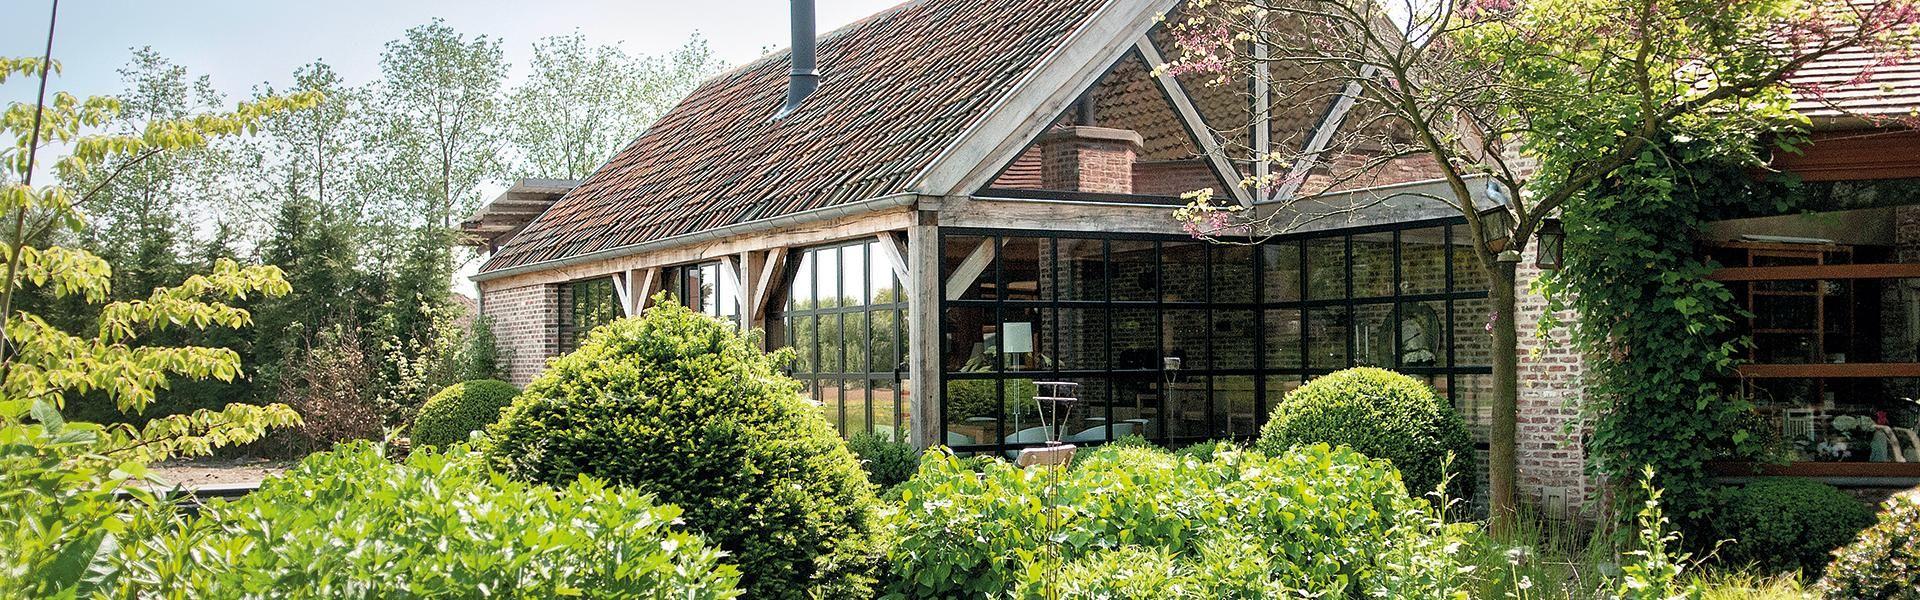 Photos De Verandas En Bois vérandas en bois et orangeries style cottage | livinlodge